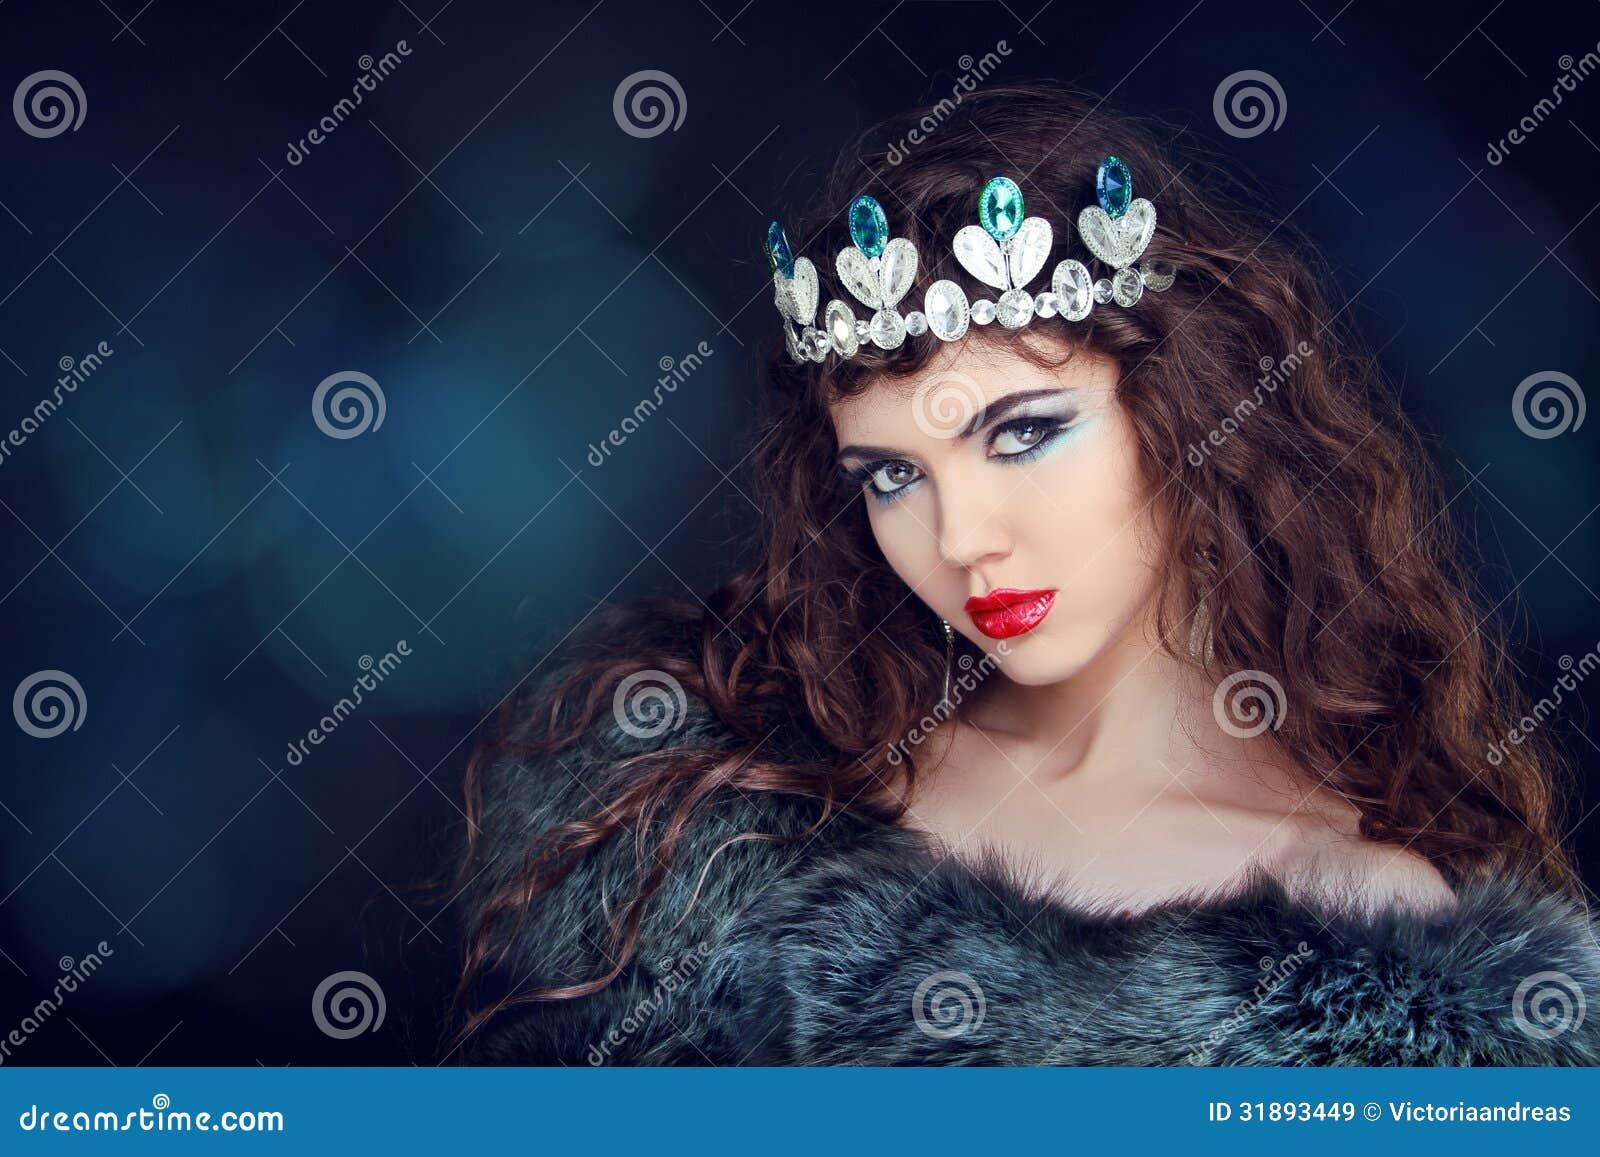 Девушка царевна фото